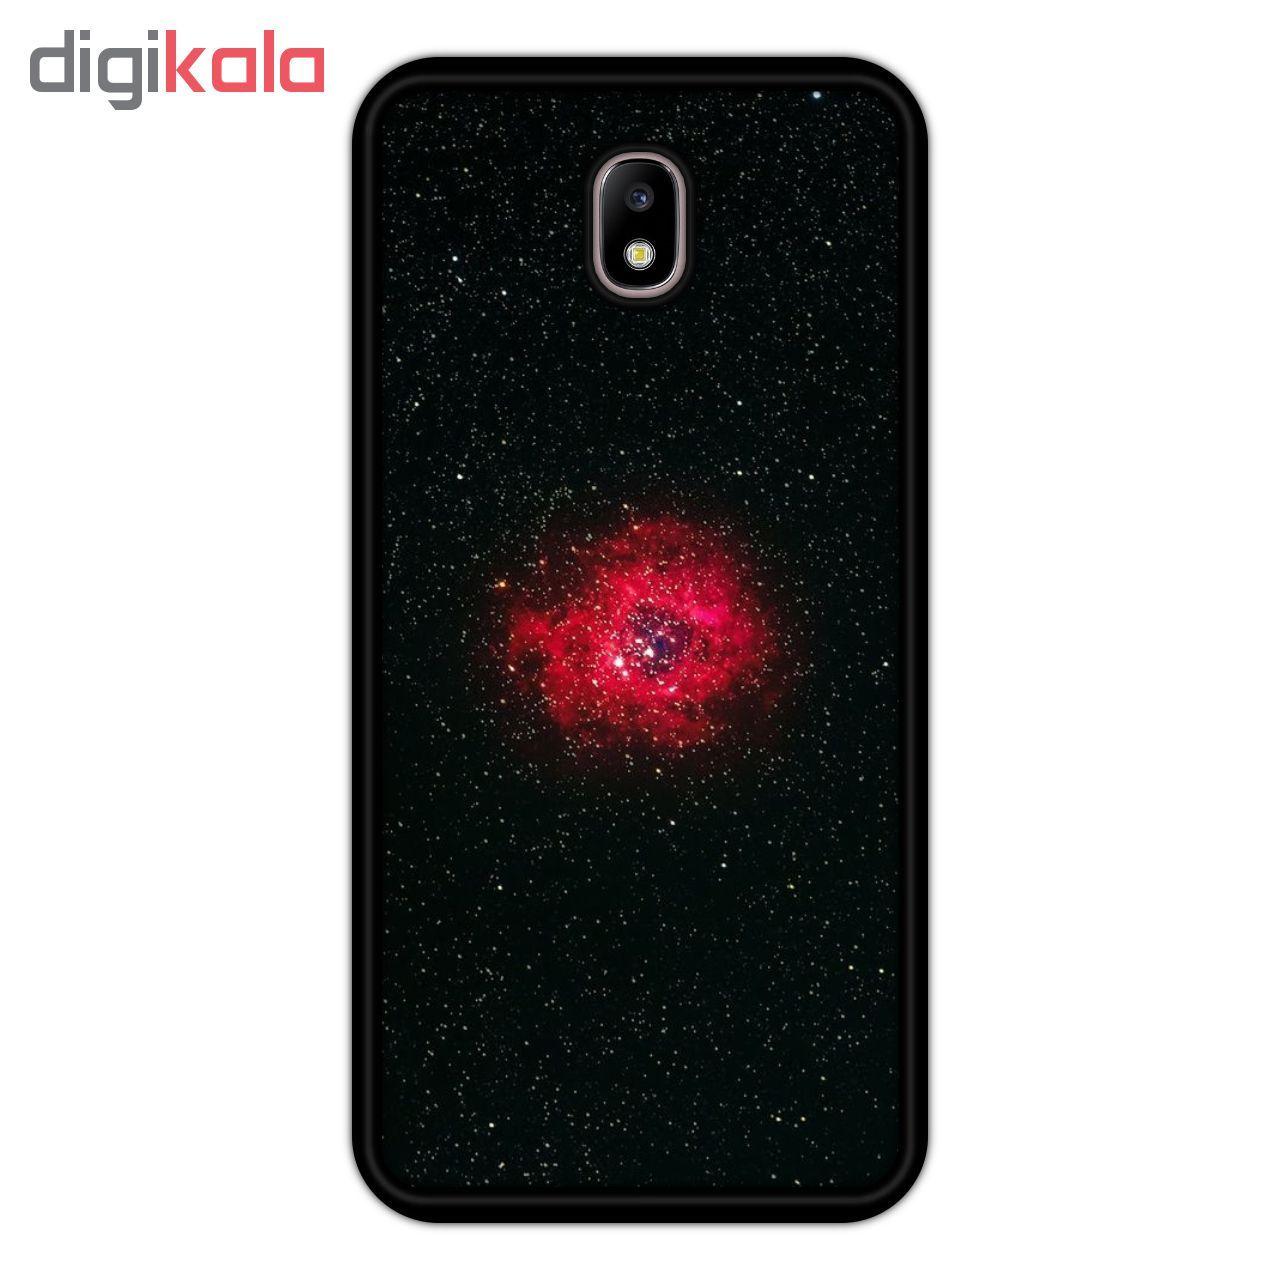 کاور آکام مدل AJsevPro1547 مناسب برای گوشی موبایل سامسونگ Galaxy J7 Pro main 1 1